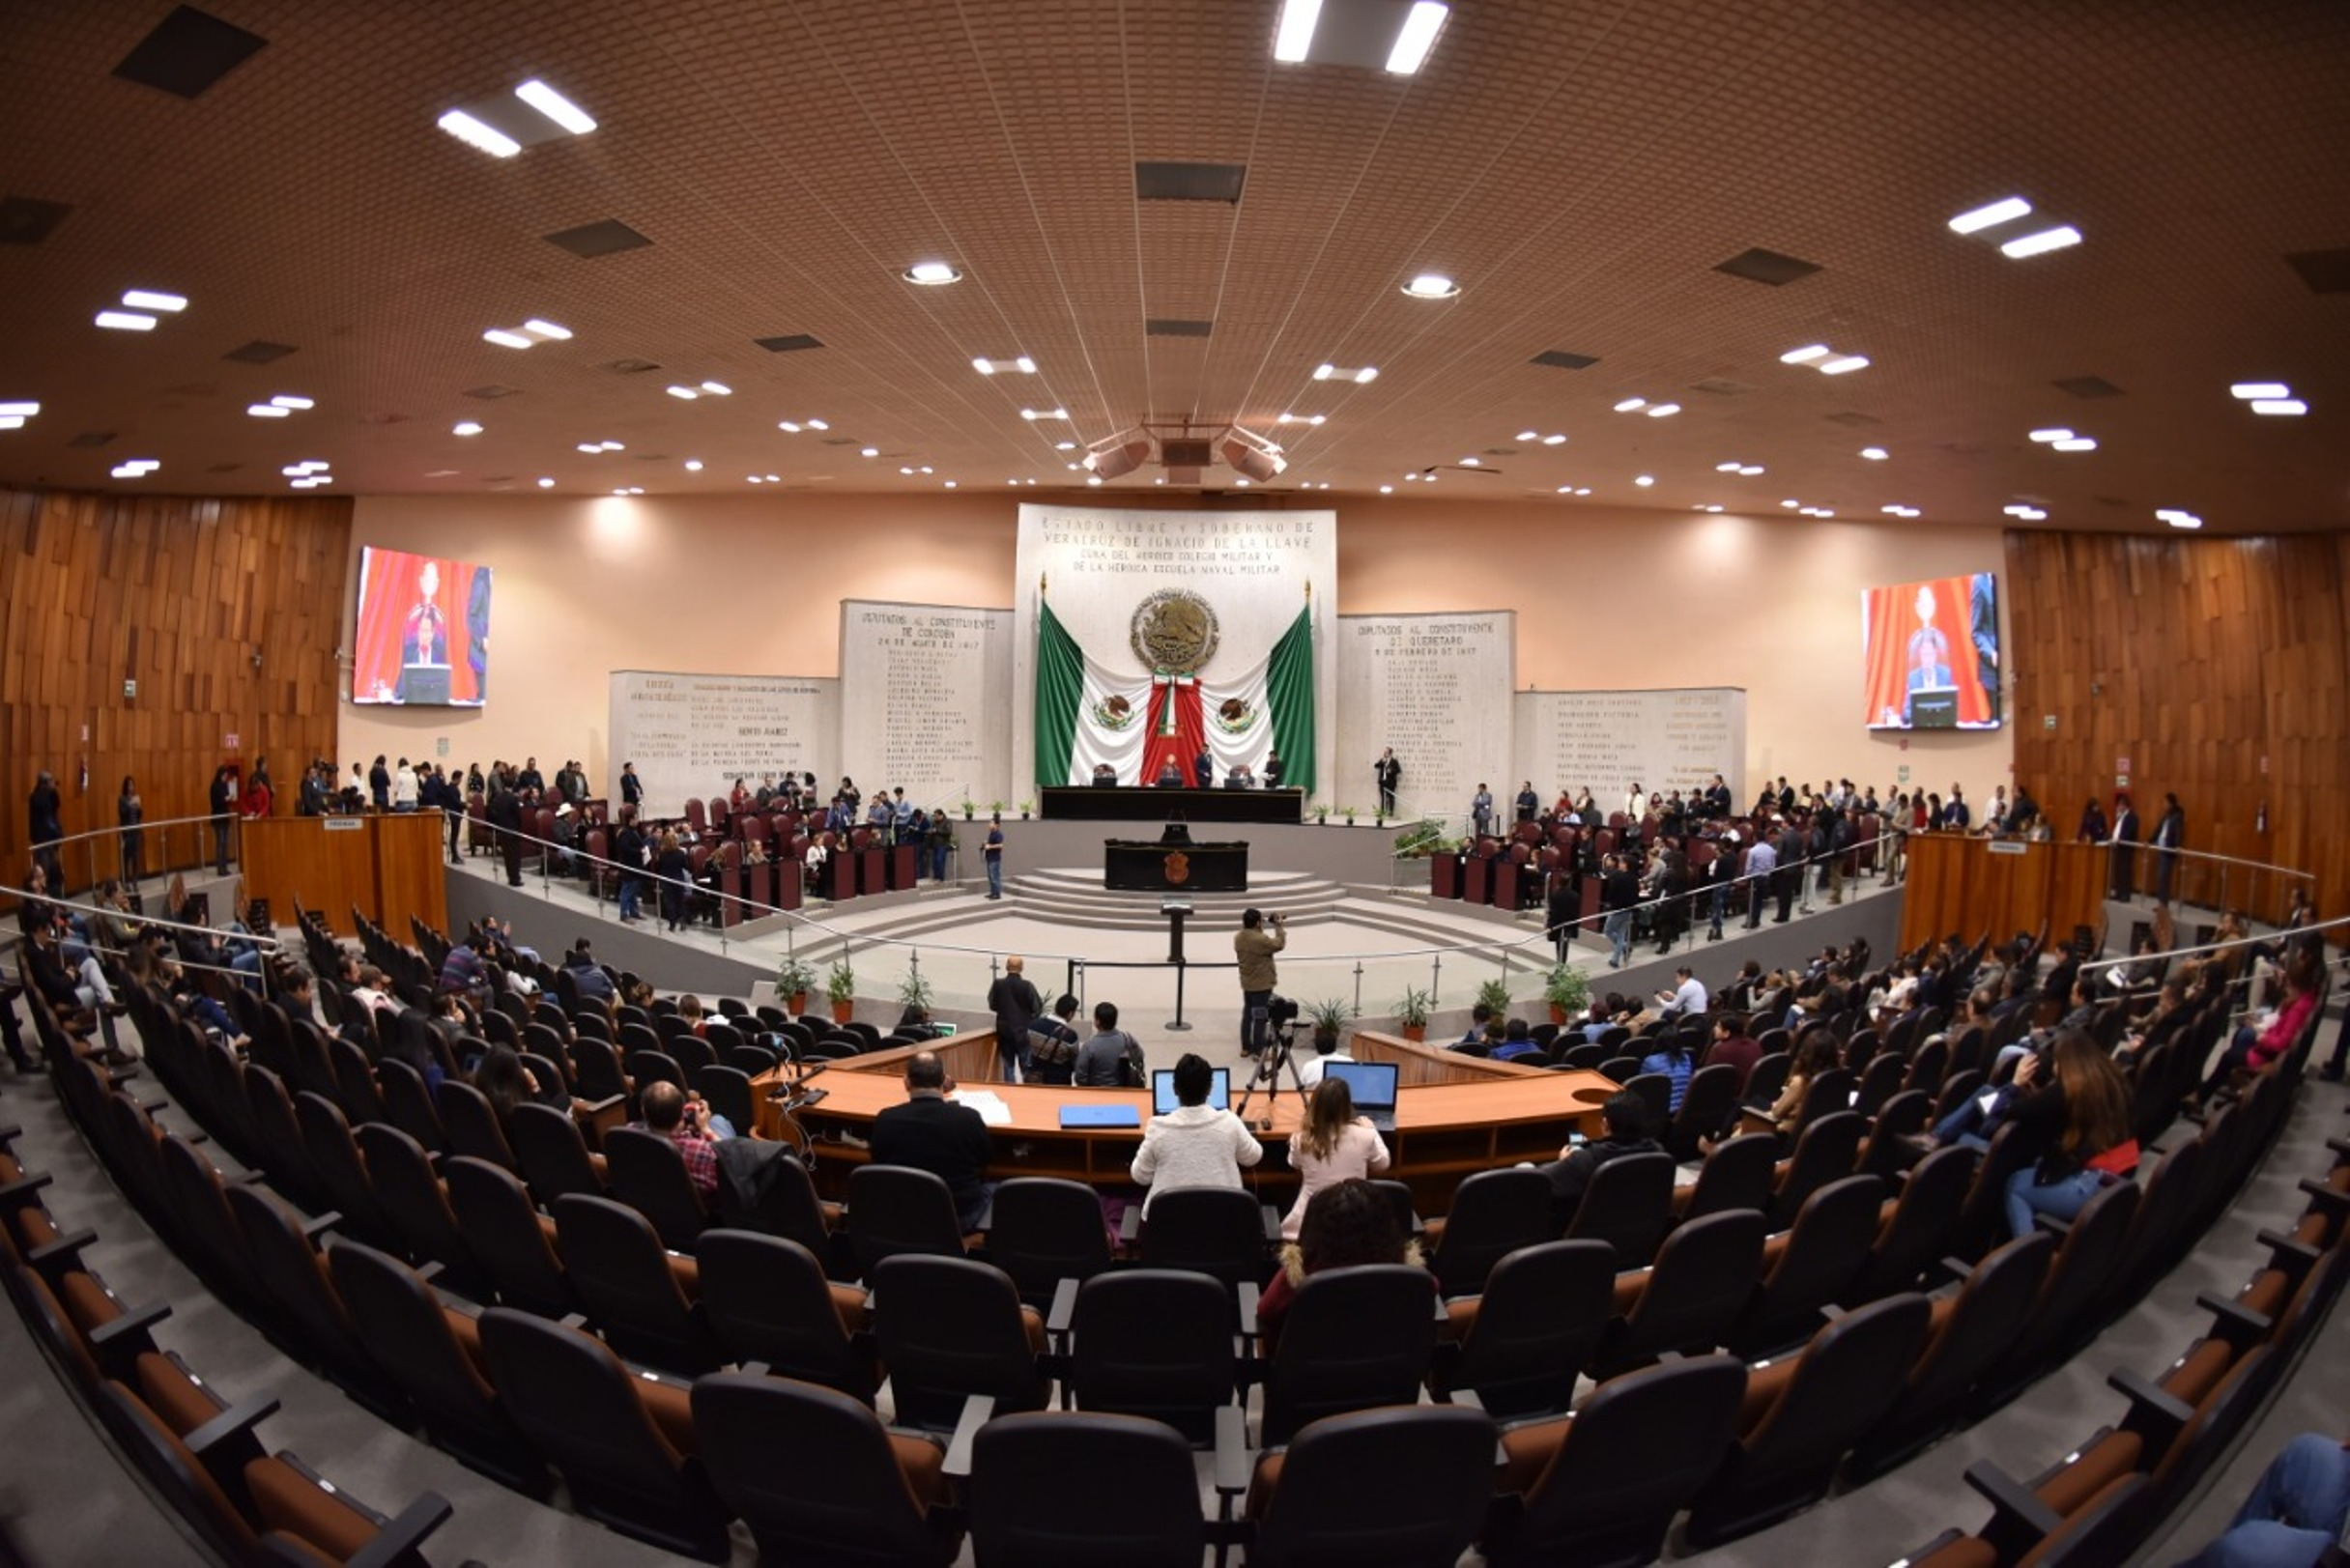 Discutirá legislatura de Veracruz la creación de Guardia Nacional este jueves